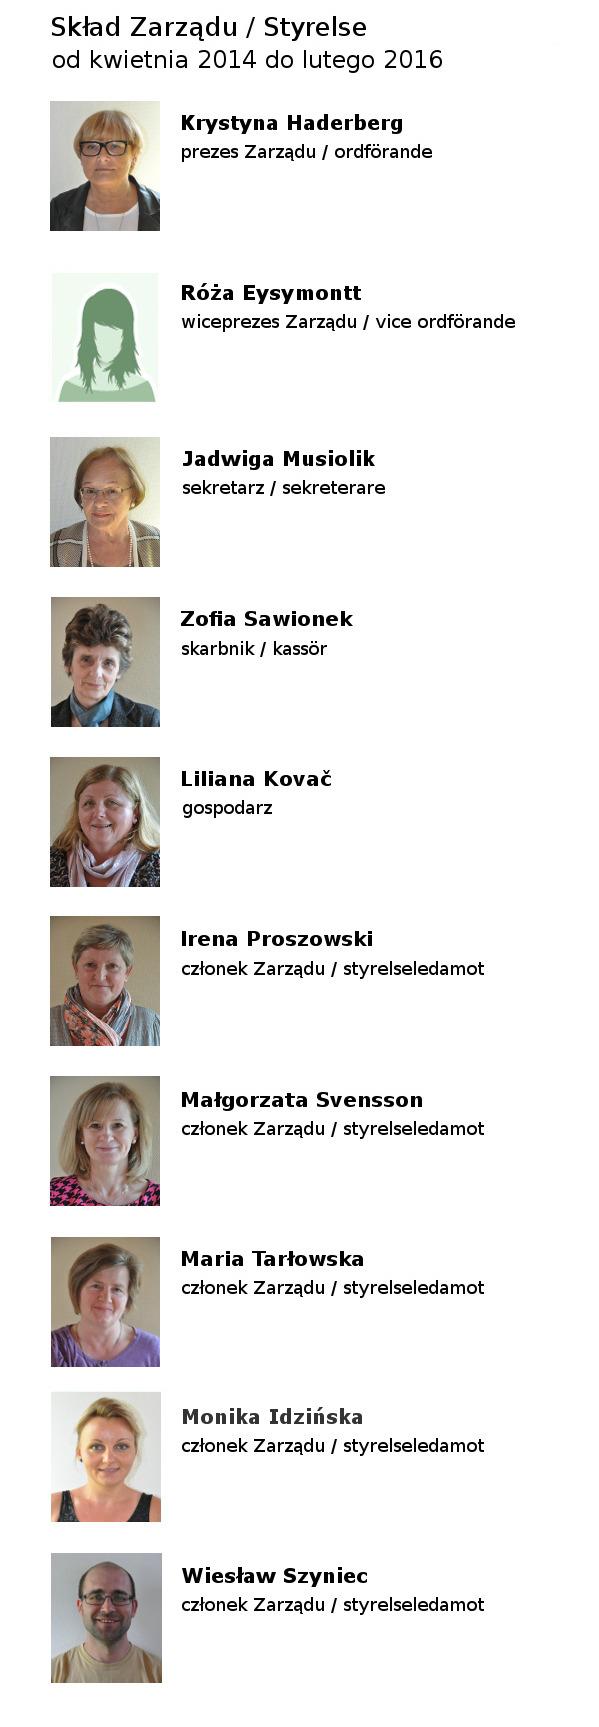 zarzad-2014-2016